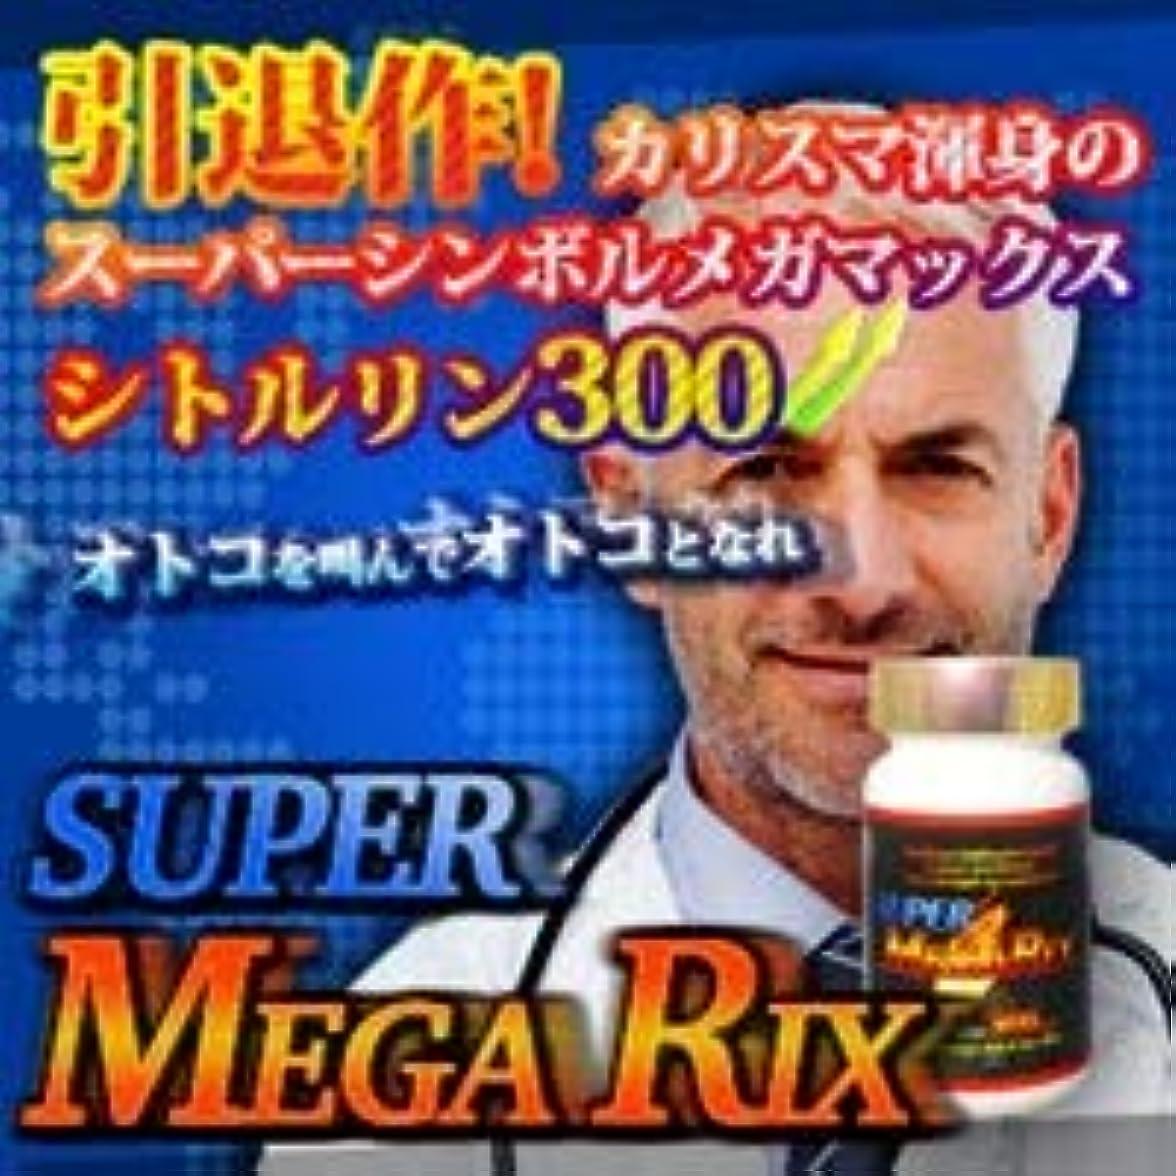 ボードインフルエンザ吸収するサイオ Super Megarix(スーパーメガリクス)120錠 特別価格120錠×1個